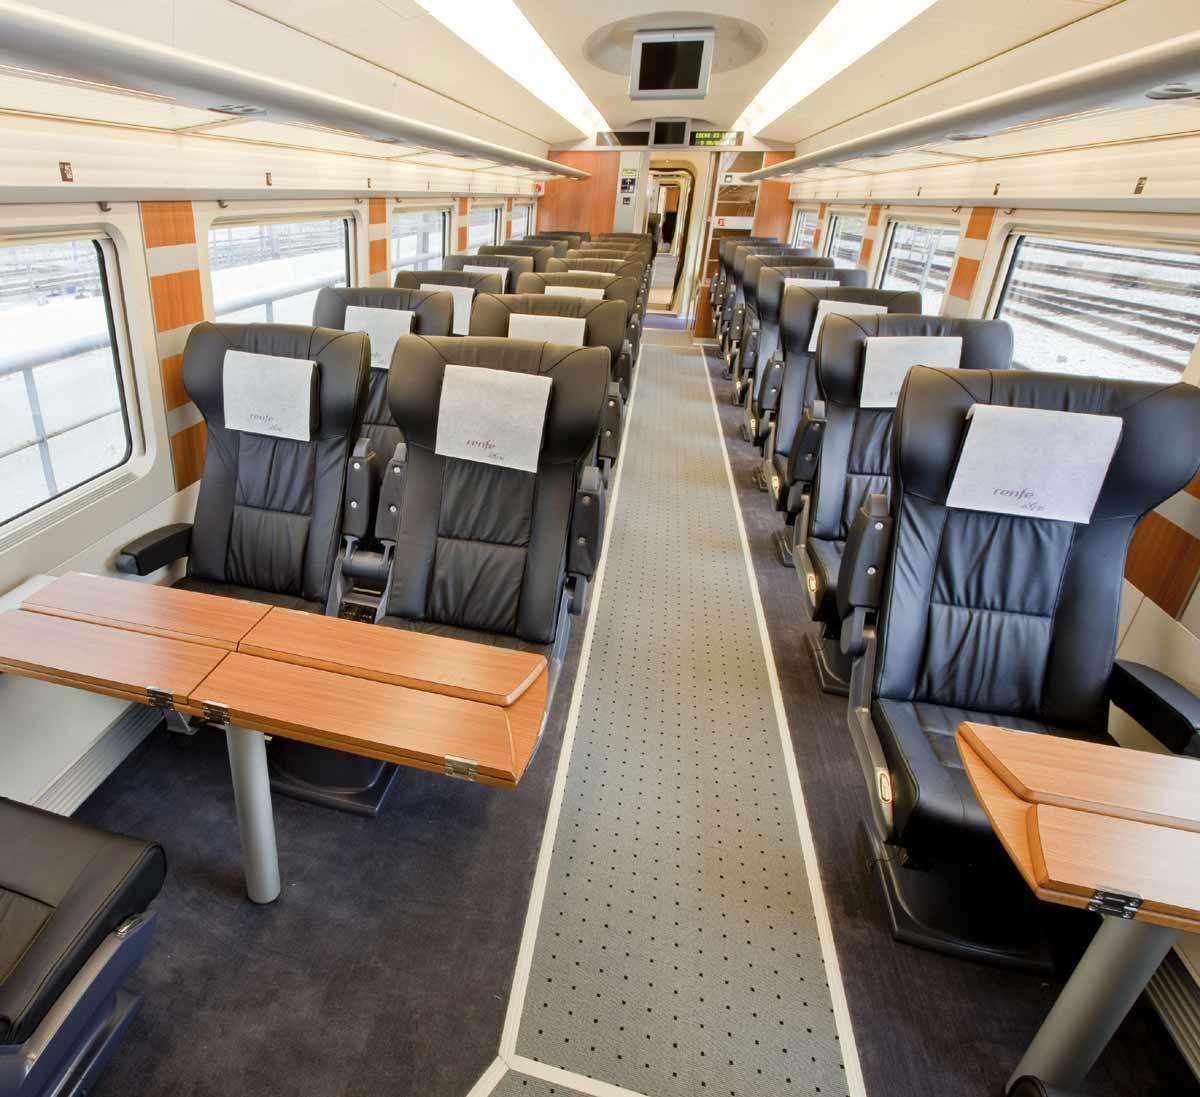 Vagón de tren AVE, donde se ven las mesas para 4 viajeros.